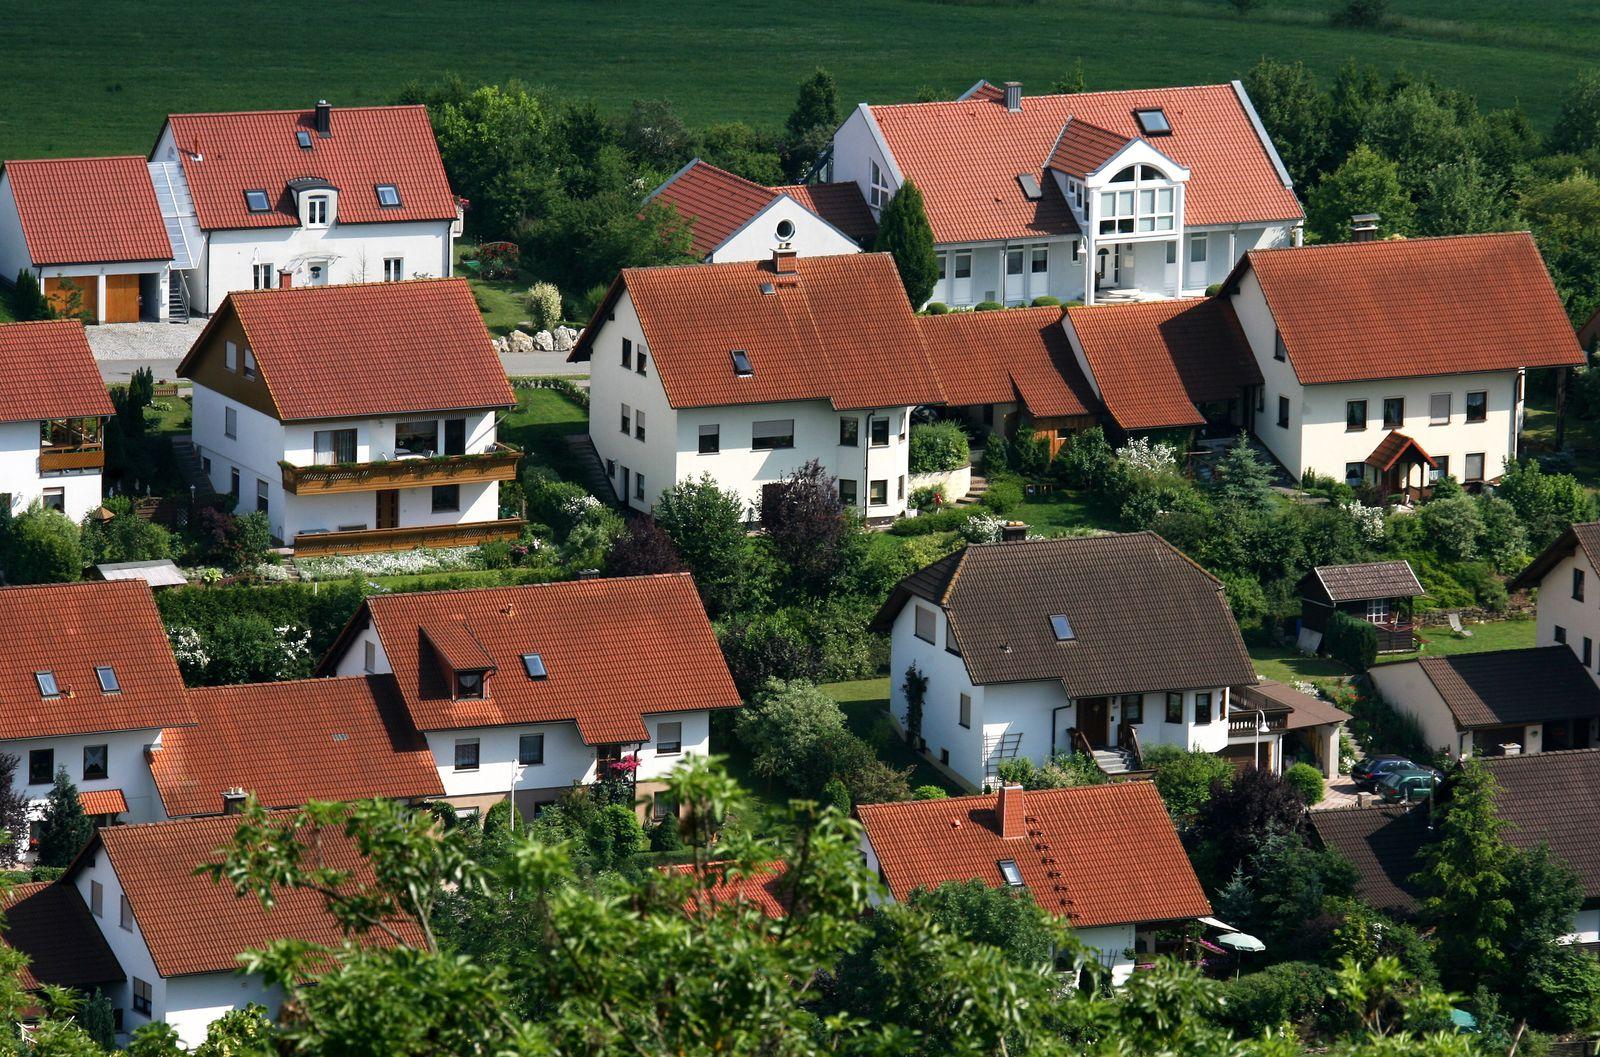 Eigenheim / Hausbau / Immobilie / Eigenheimzulage / Baukindergeld / Immobilien/ Immobilienmarkt / Neubausiedlungen